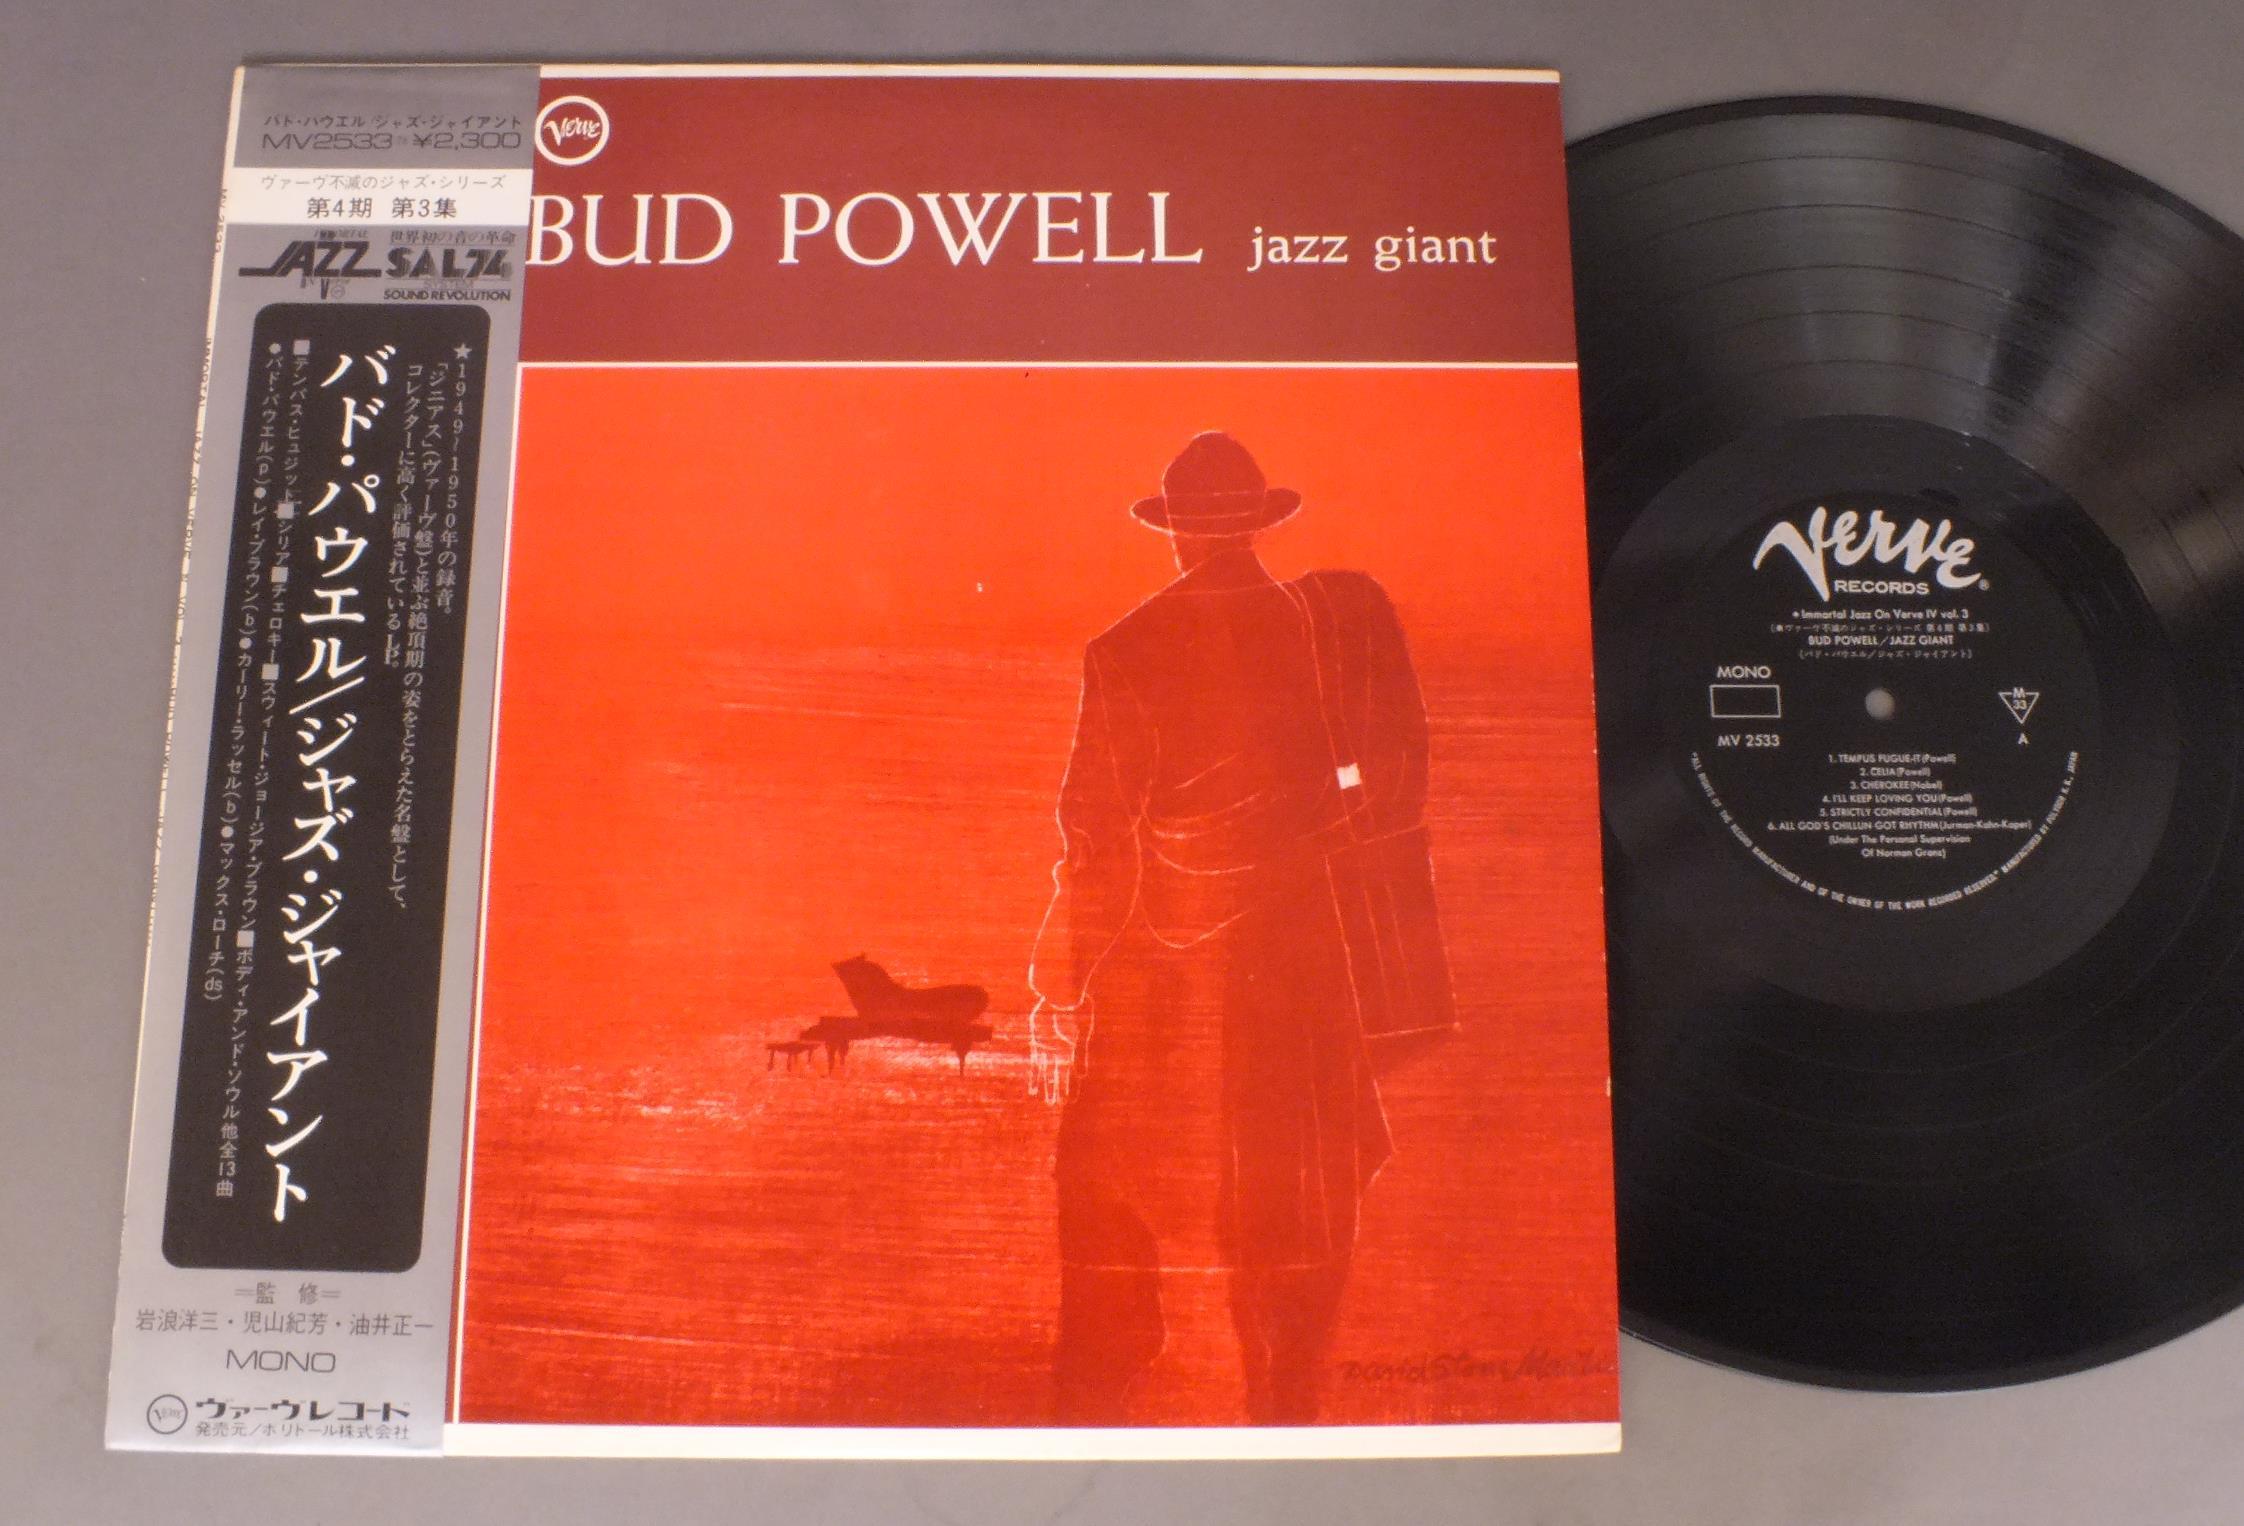 BUD POWELL - JAZZ GIANT - 33T